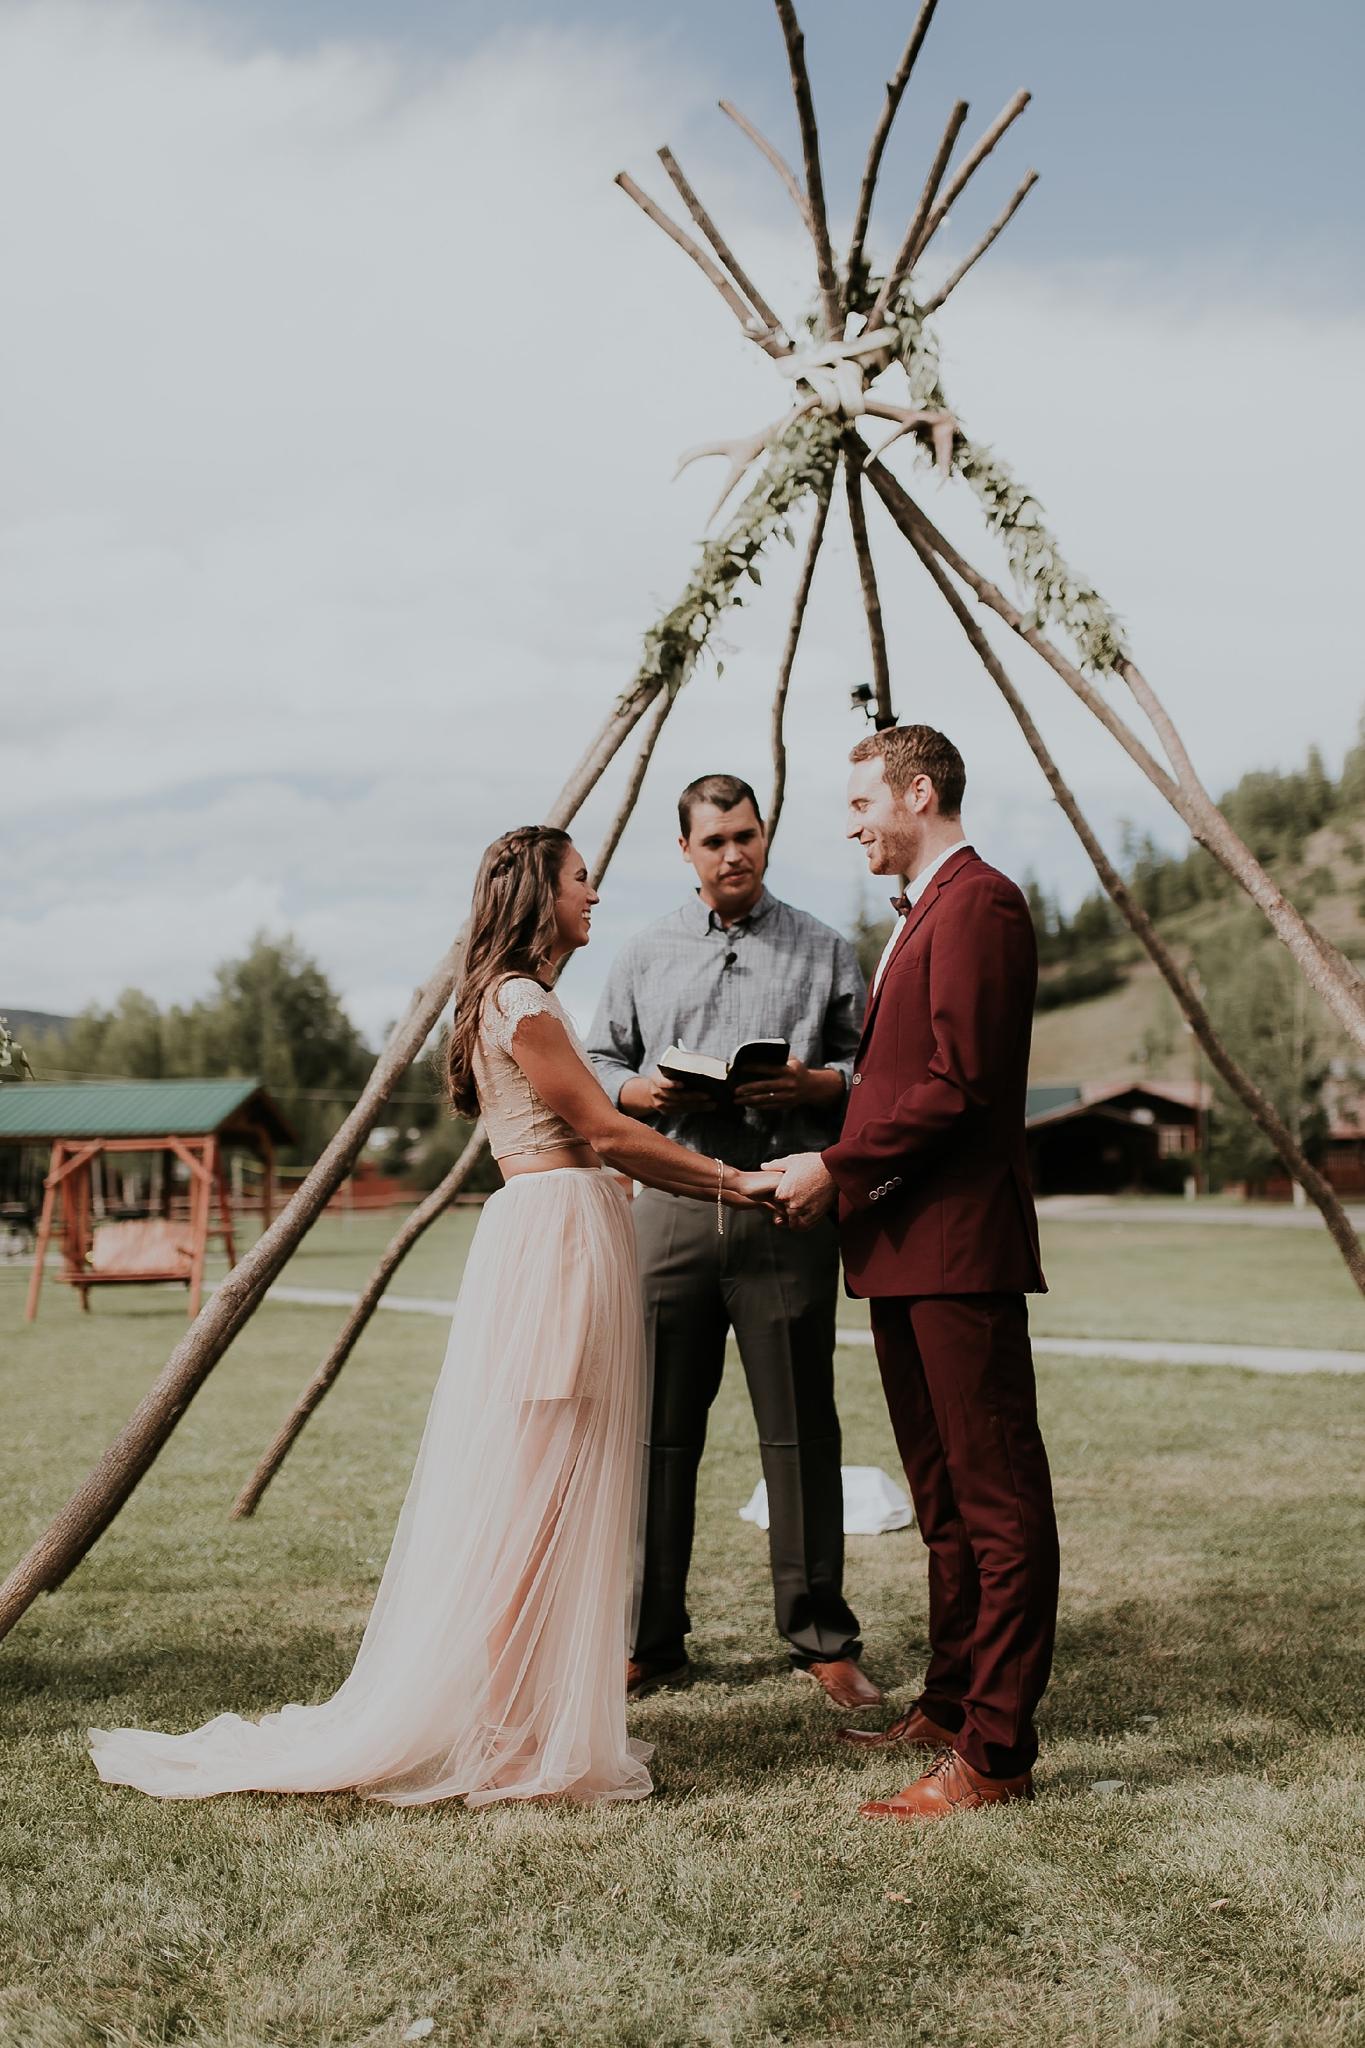 Alicia+lucia+photography+-+albuquerque+wedding+photographer+-+santa+fe+wedding+photography+-+new+mexico+wedding+photographer+-+albuquerque+wedding+-+santa+fe+wedding+-+wedding+gowns+-+non+traditional+wedding+gowns_0008.jpg